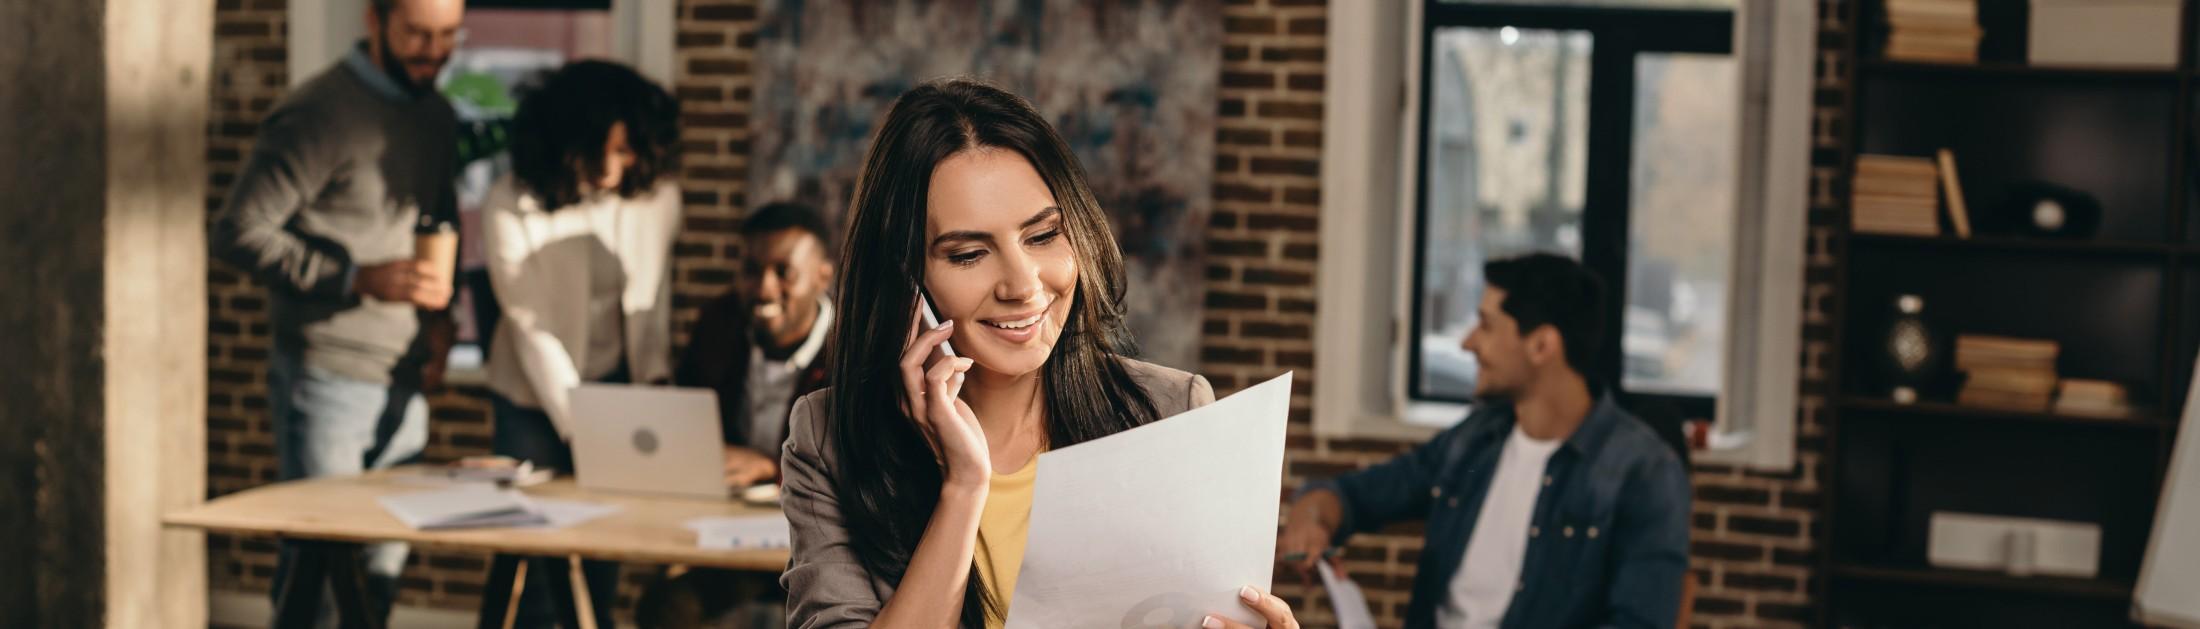 Online-Fax: Die wichtigsten Vorteile